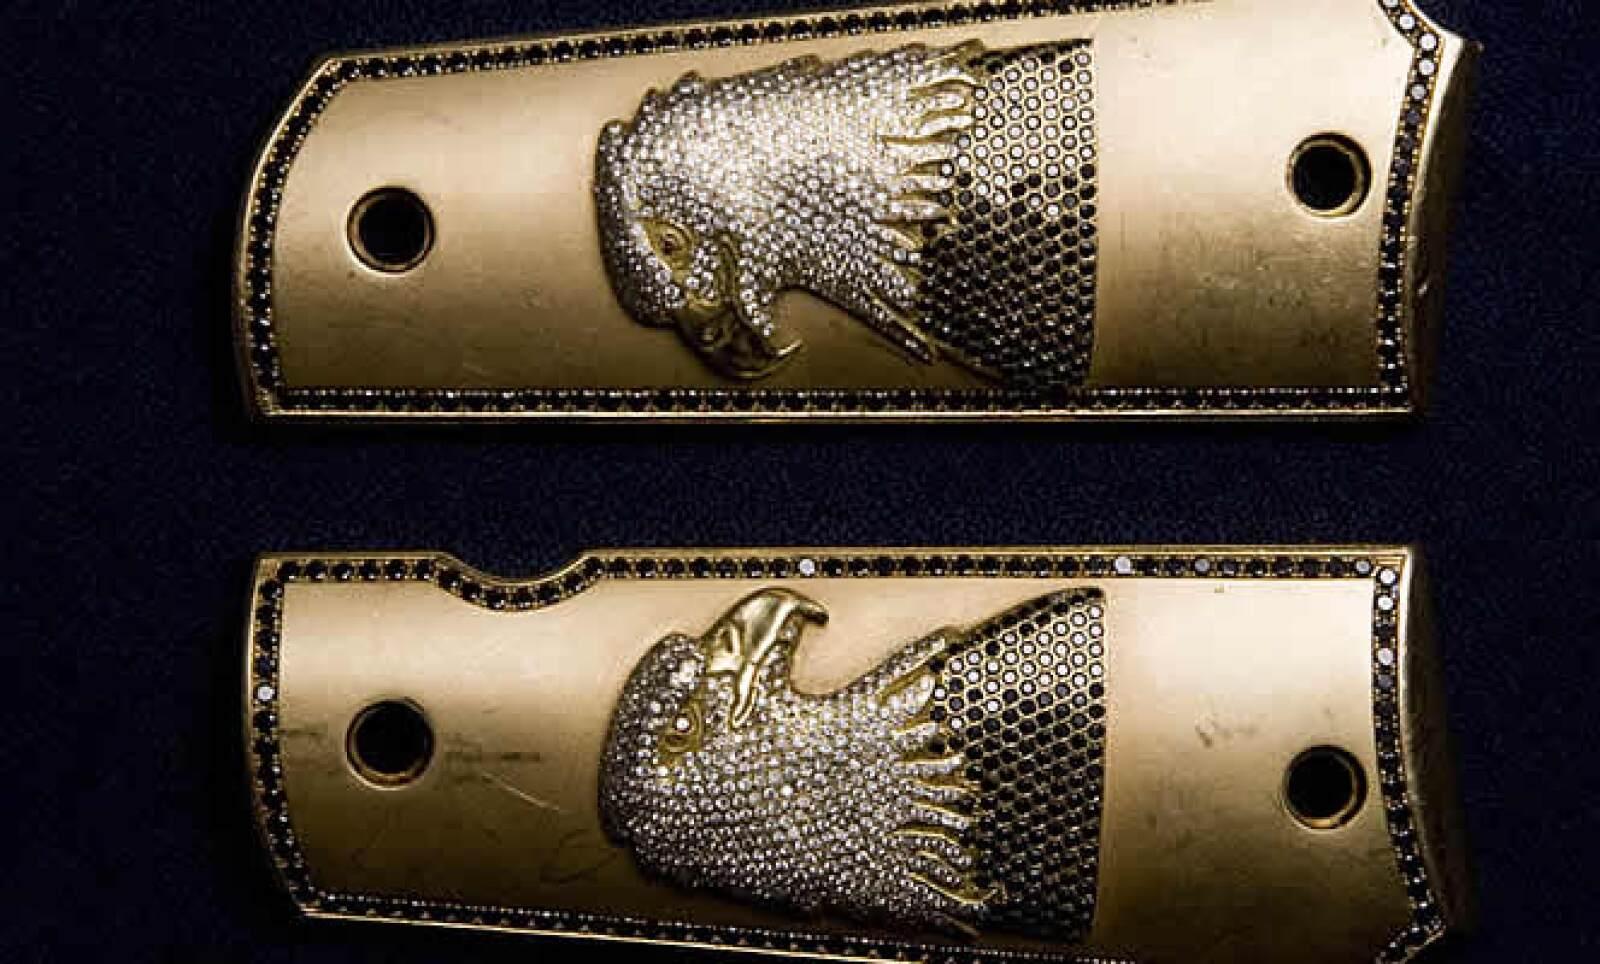 Entre lo resguardado también brillan dos cubiertas para pistola decoradas con diamantes y rubíes. Nadie sabe quiénes fueron sus propietarios.